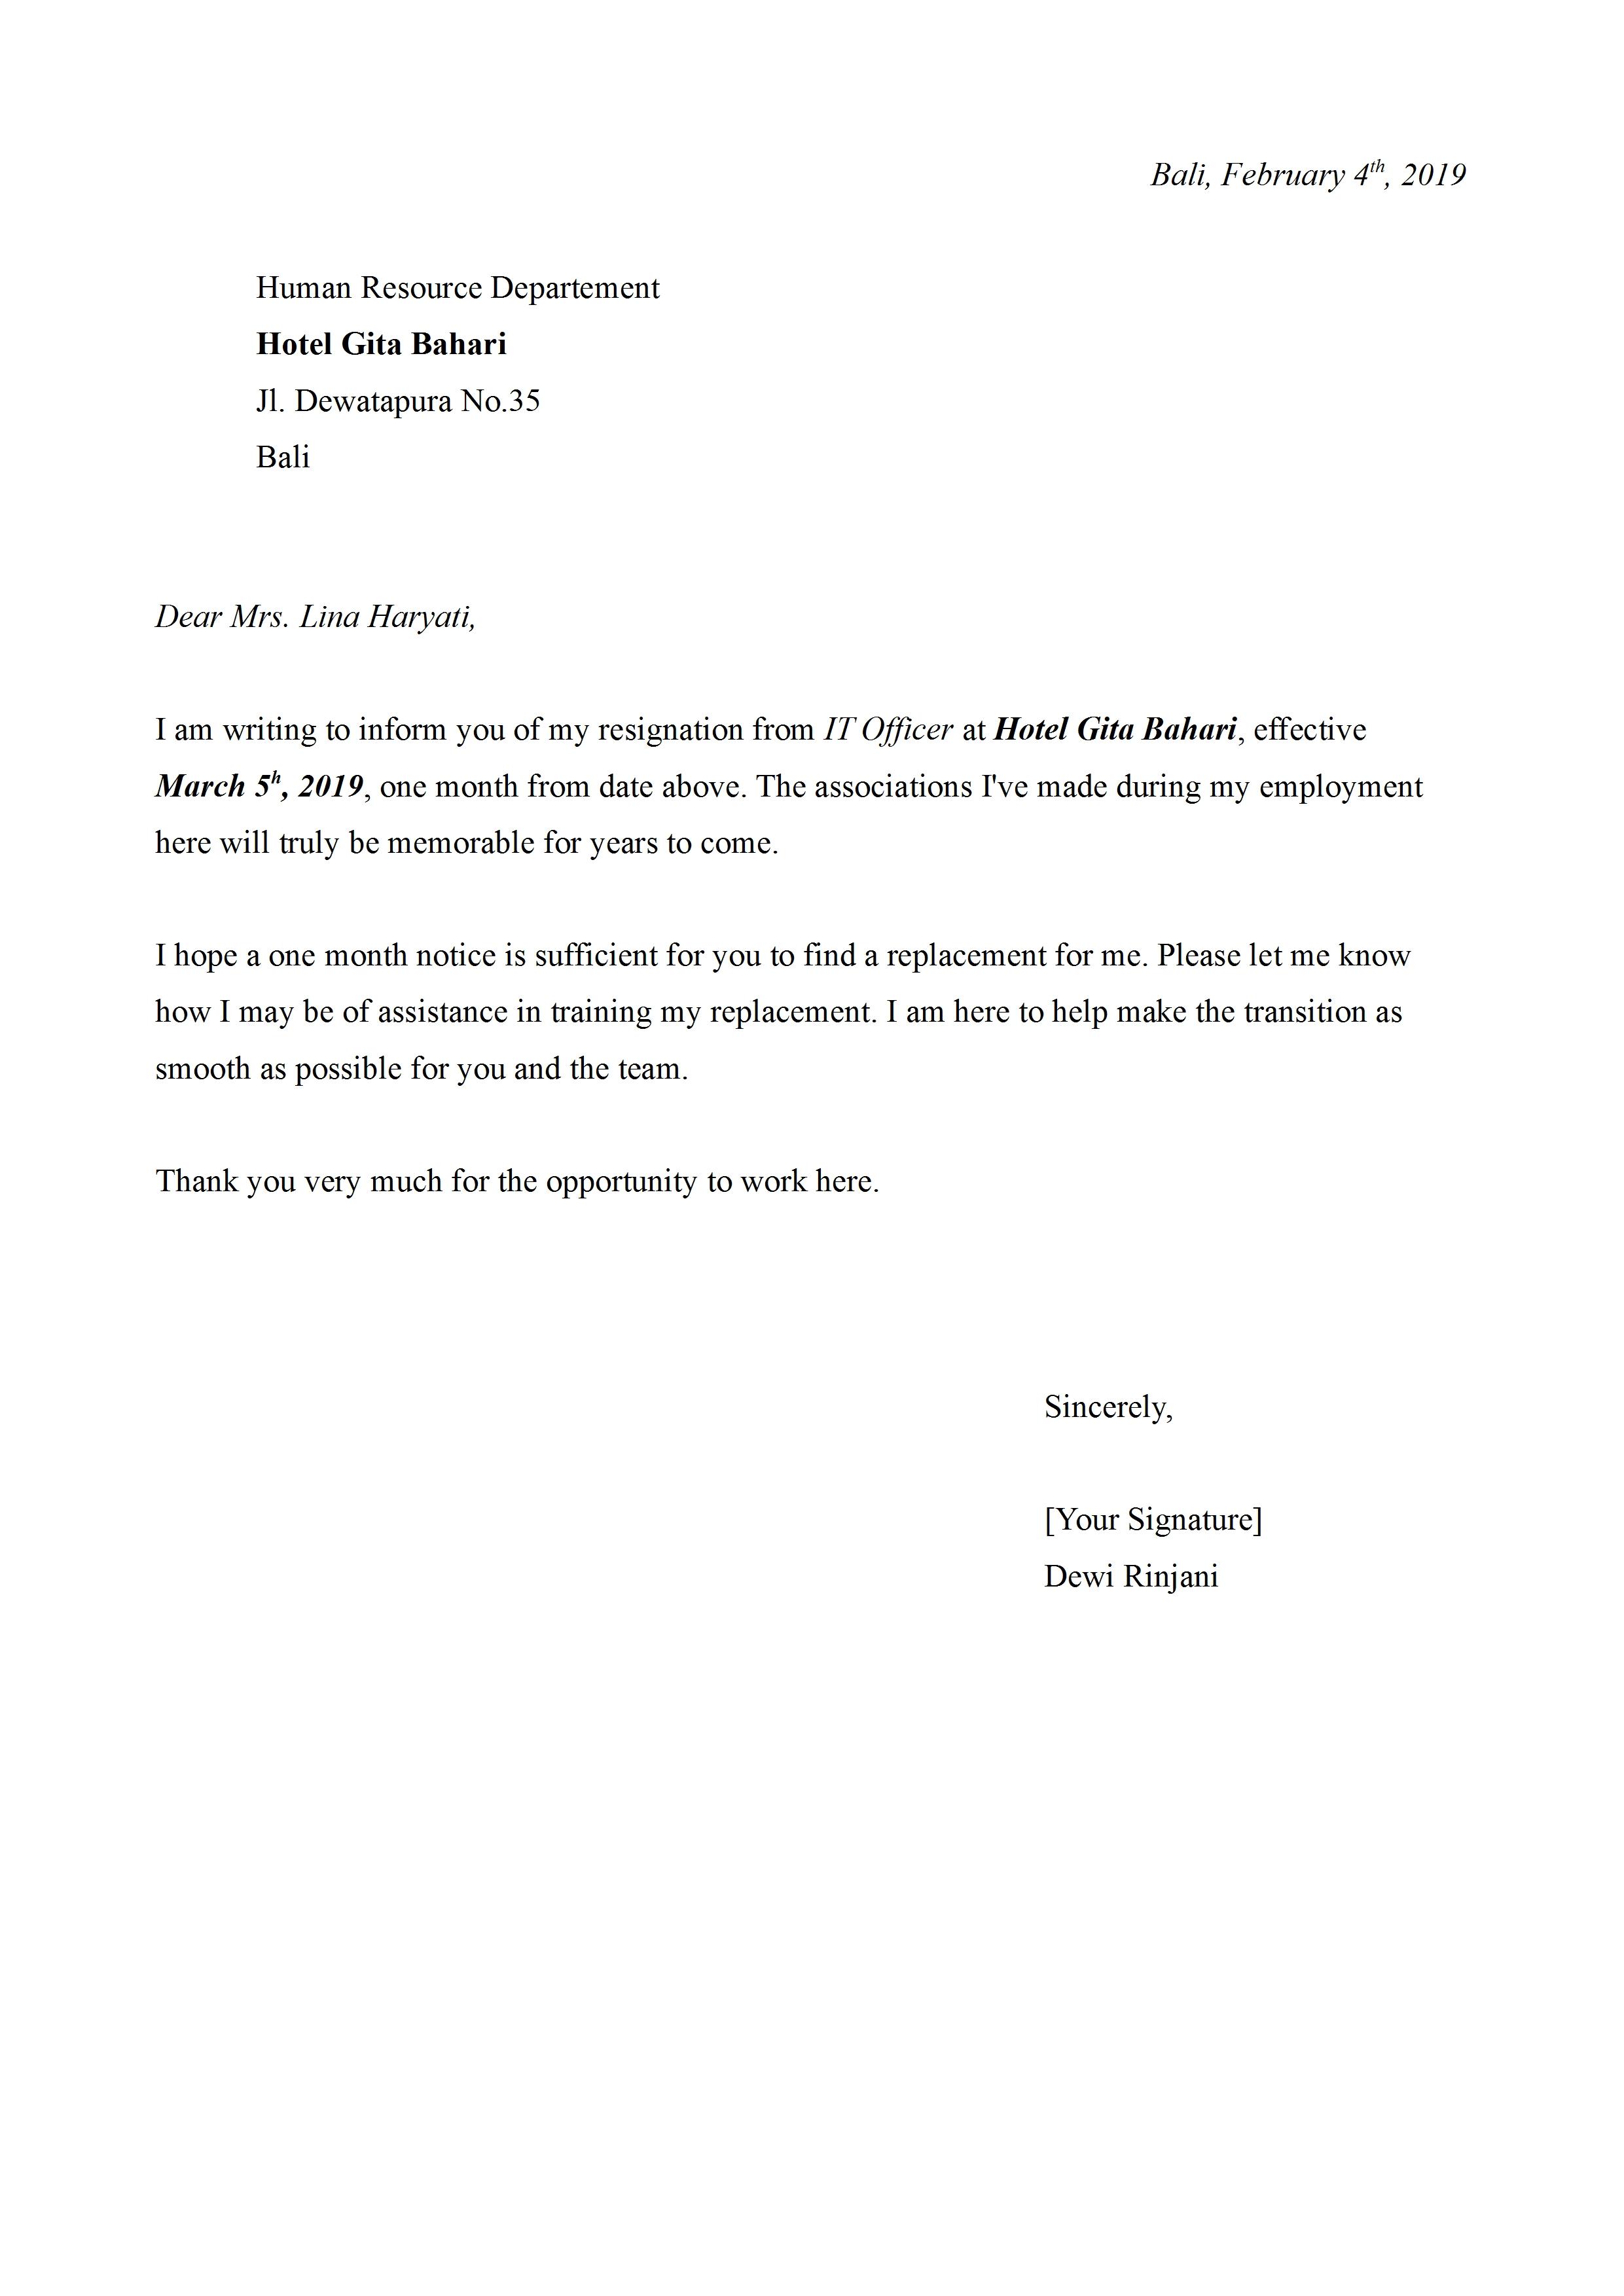 Contoh Surat Resign Bahasa Inggris Dan Artinya Yang Baik Dan Benar Detiklife